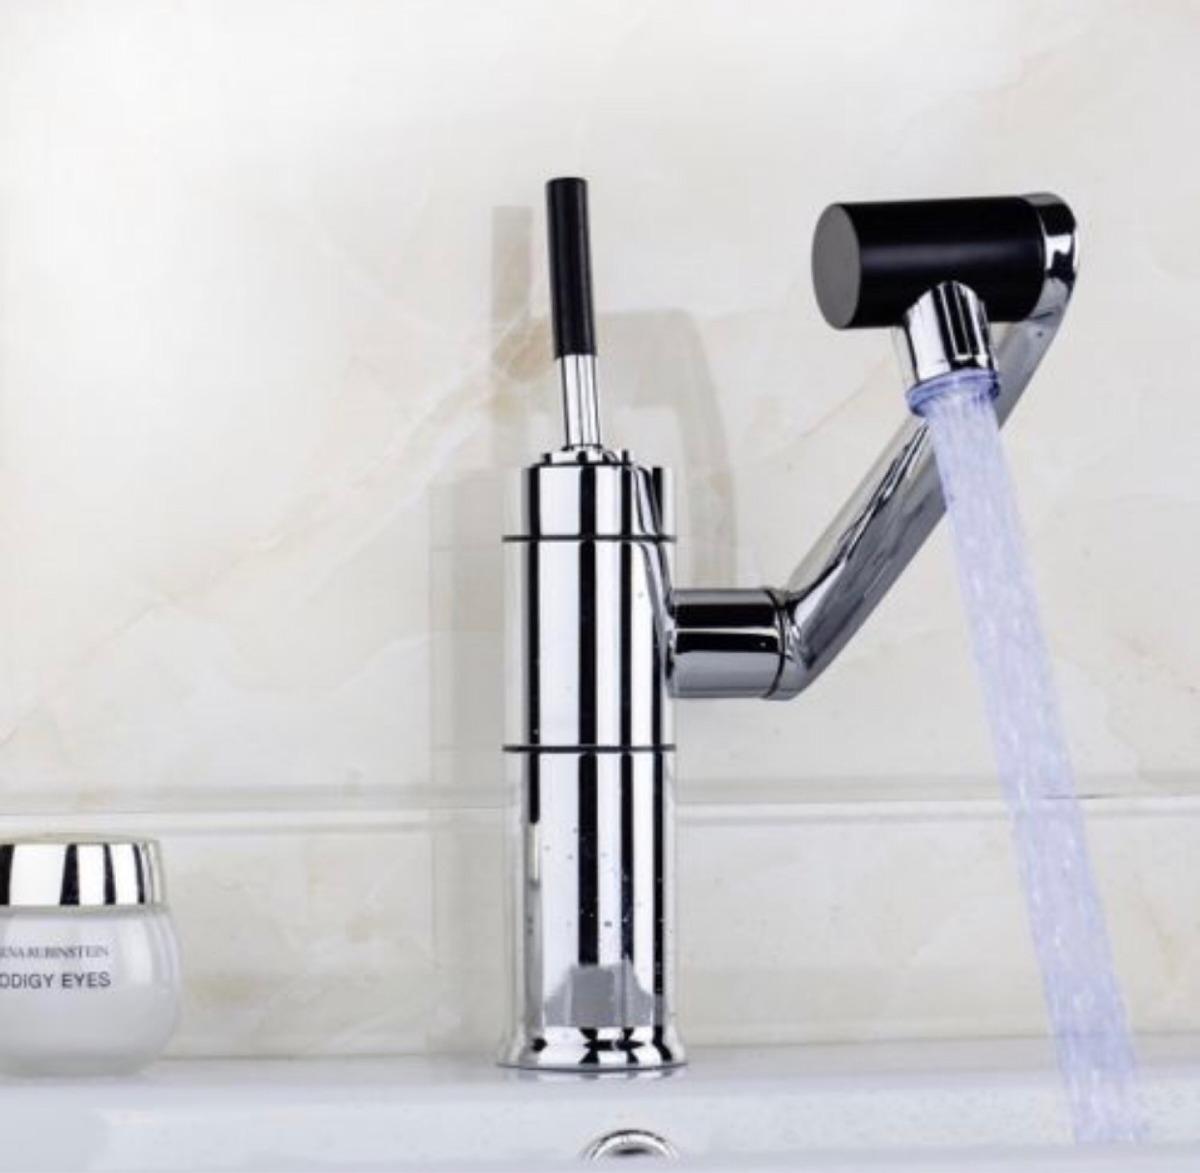 Monomando llave mezcladora con luz led grifo lavabo r0 135 for Llave mezcladora para lavabo precio